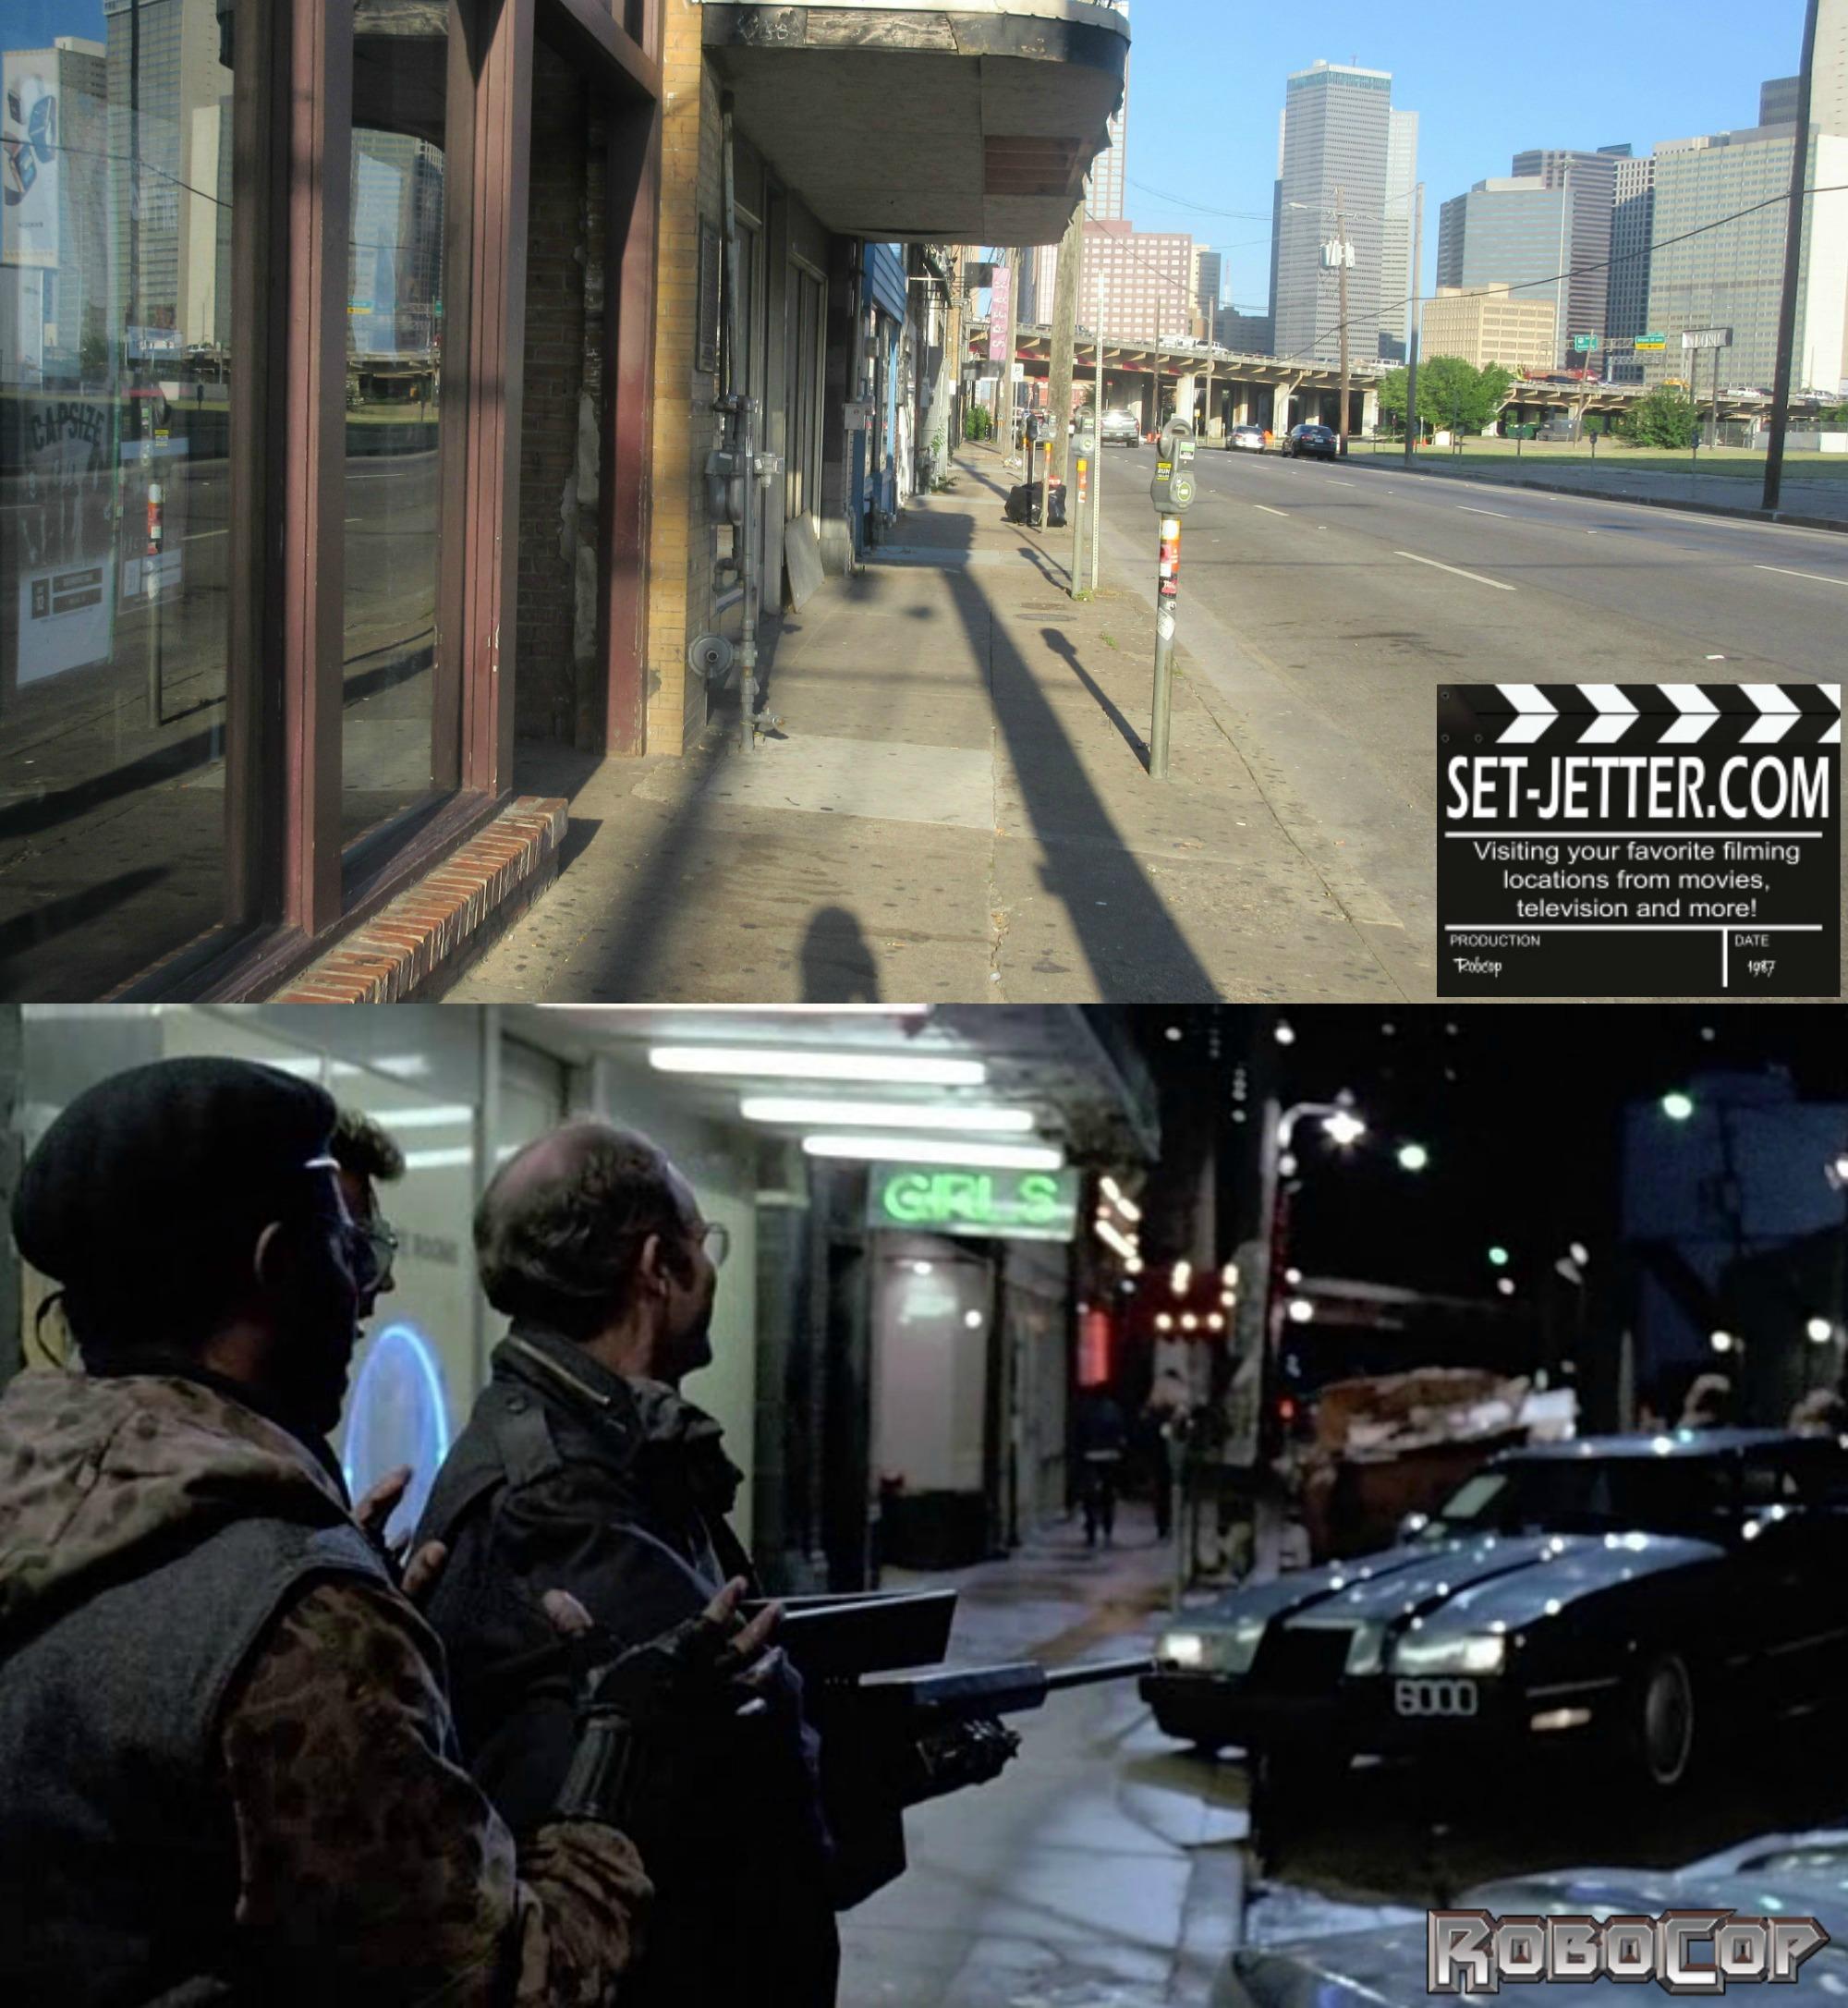 Robocop comparison 134.jpg